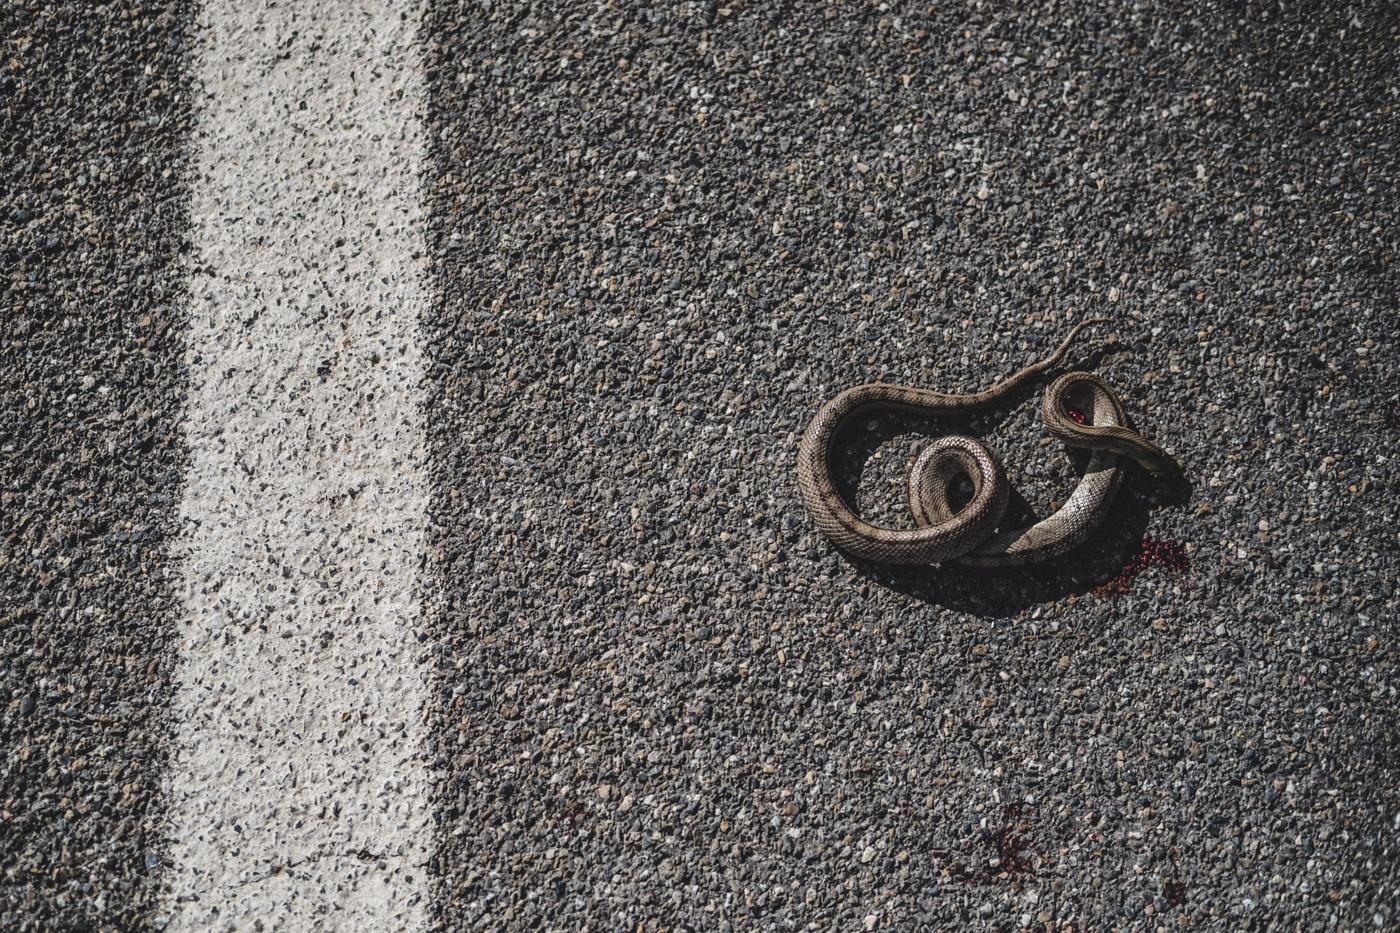 serpiente atropellada